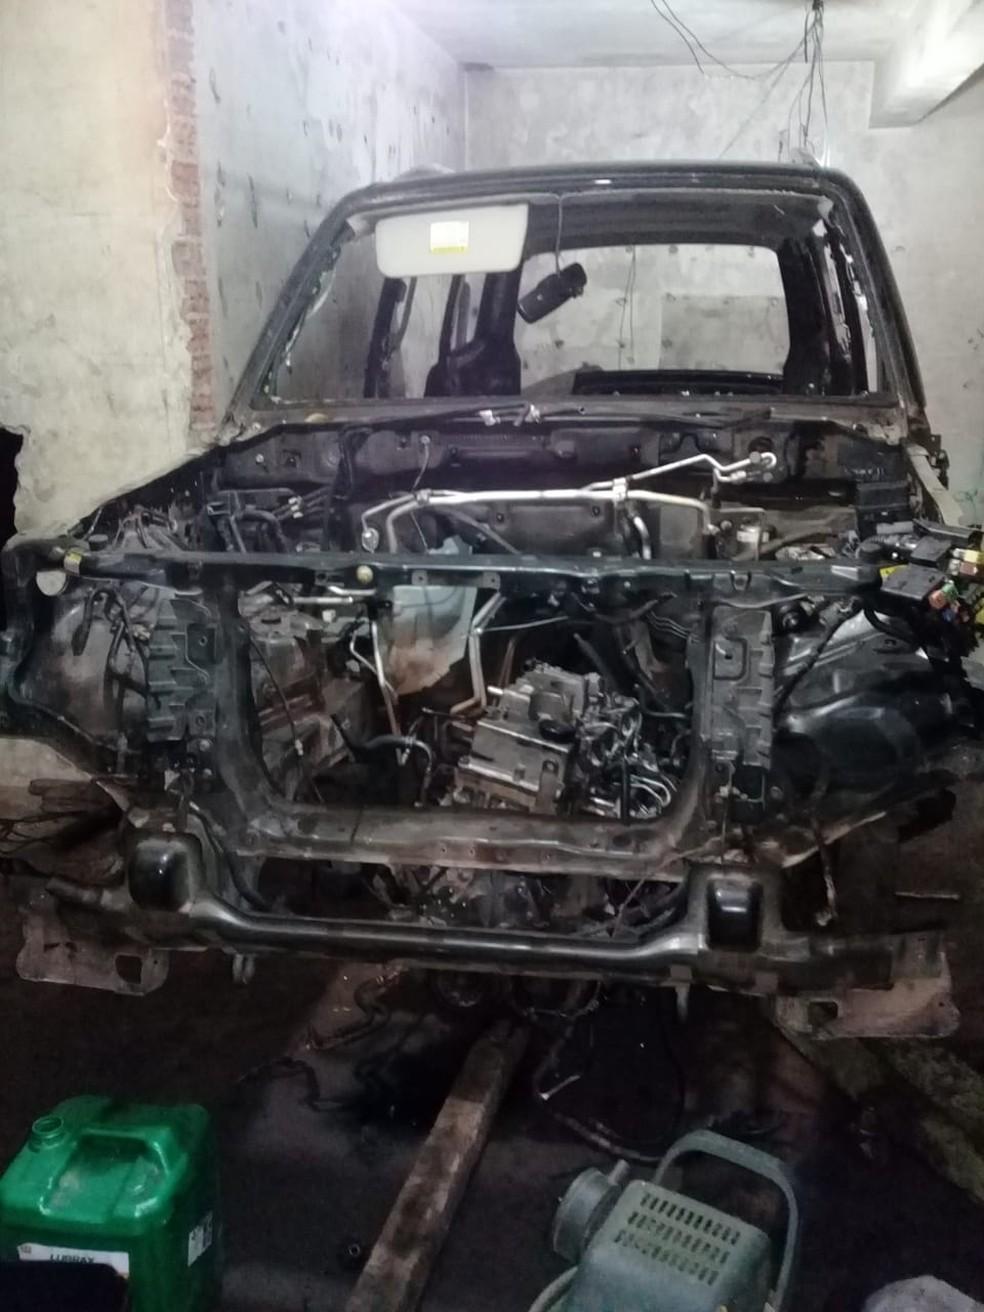 Desmanche de veículos é encontrado dentro de propriedade em Gaspar — Foto: Polícia Civil/Divulgação